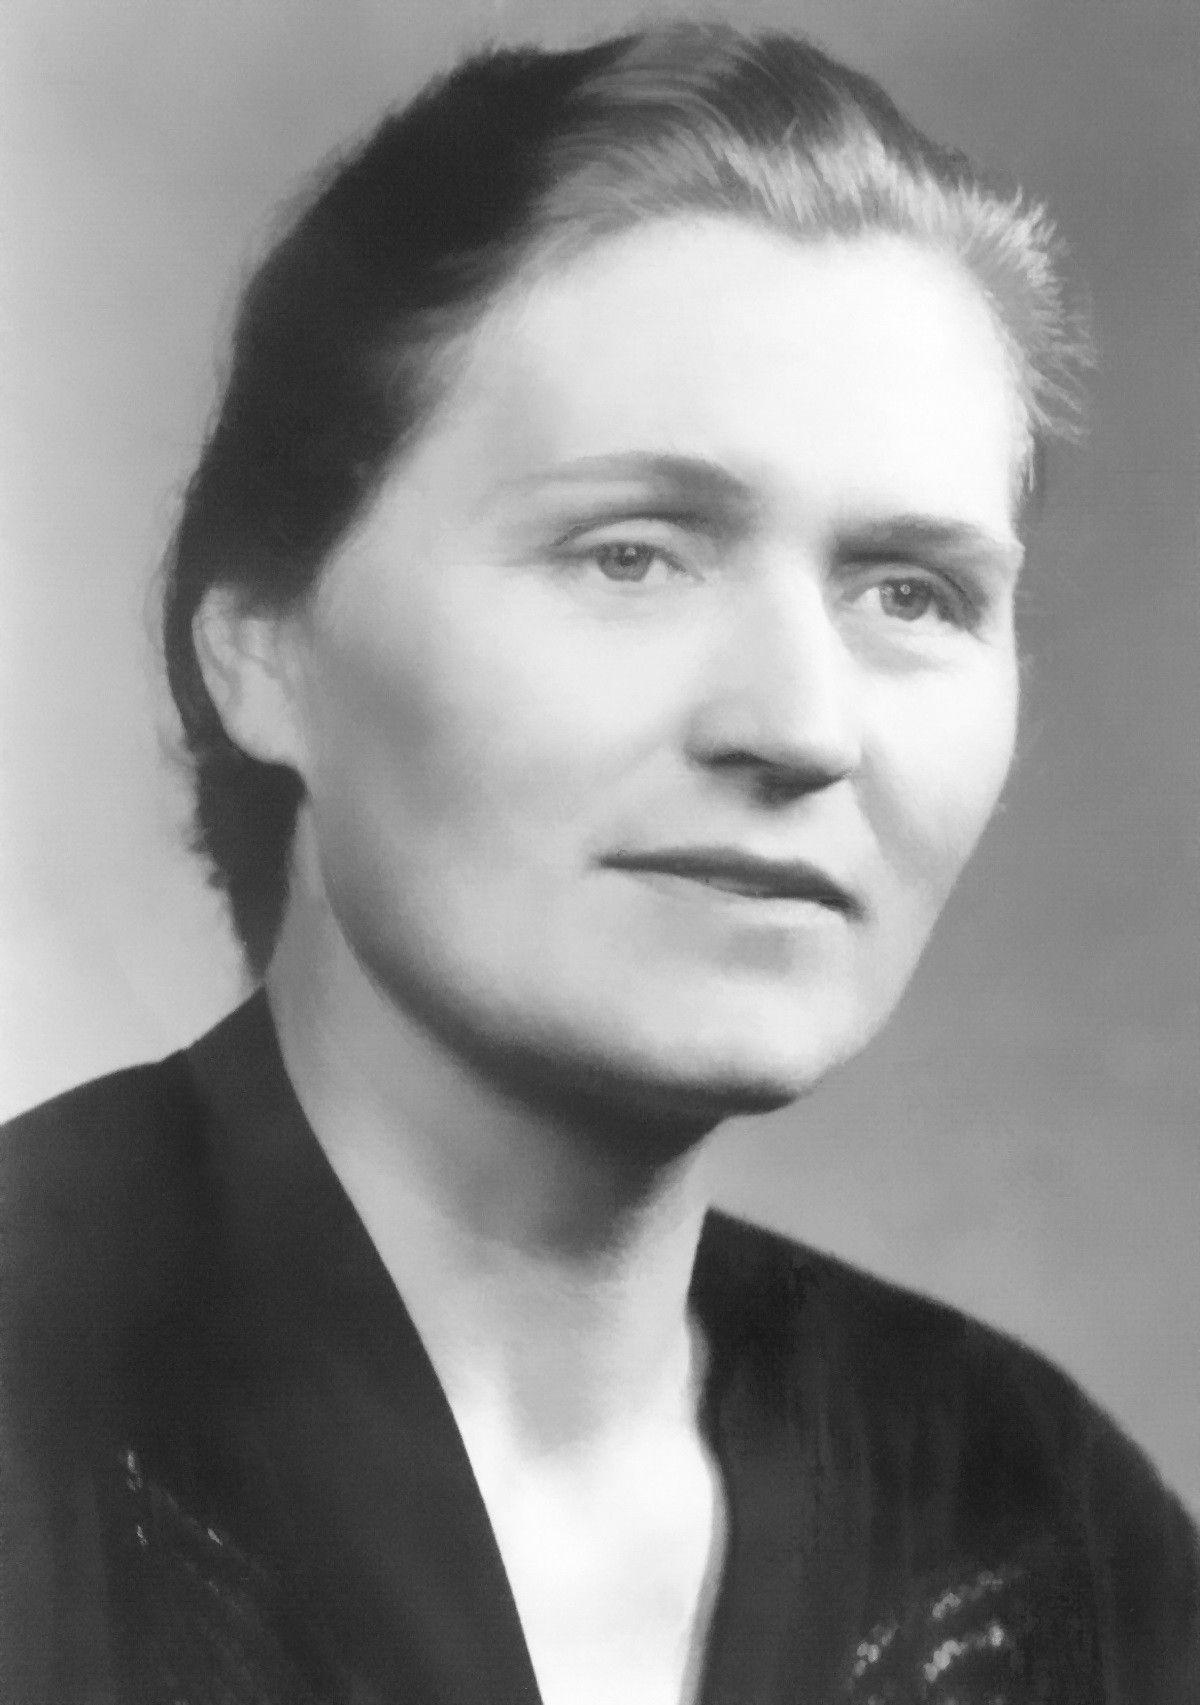 Ирма Мартенс-Герман, мать Анны Герман